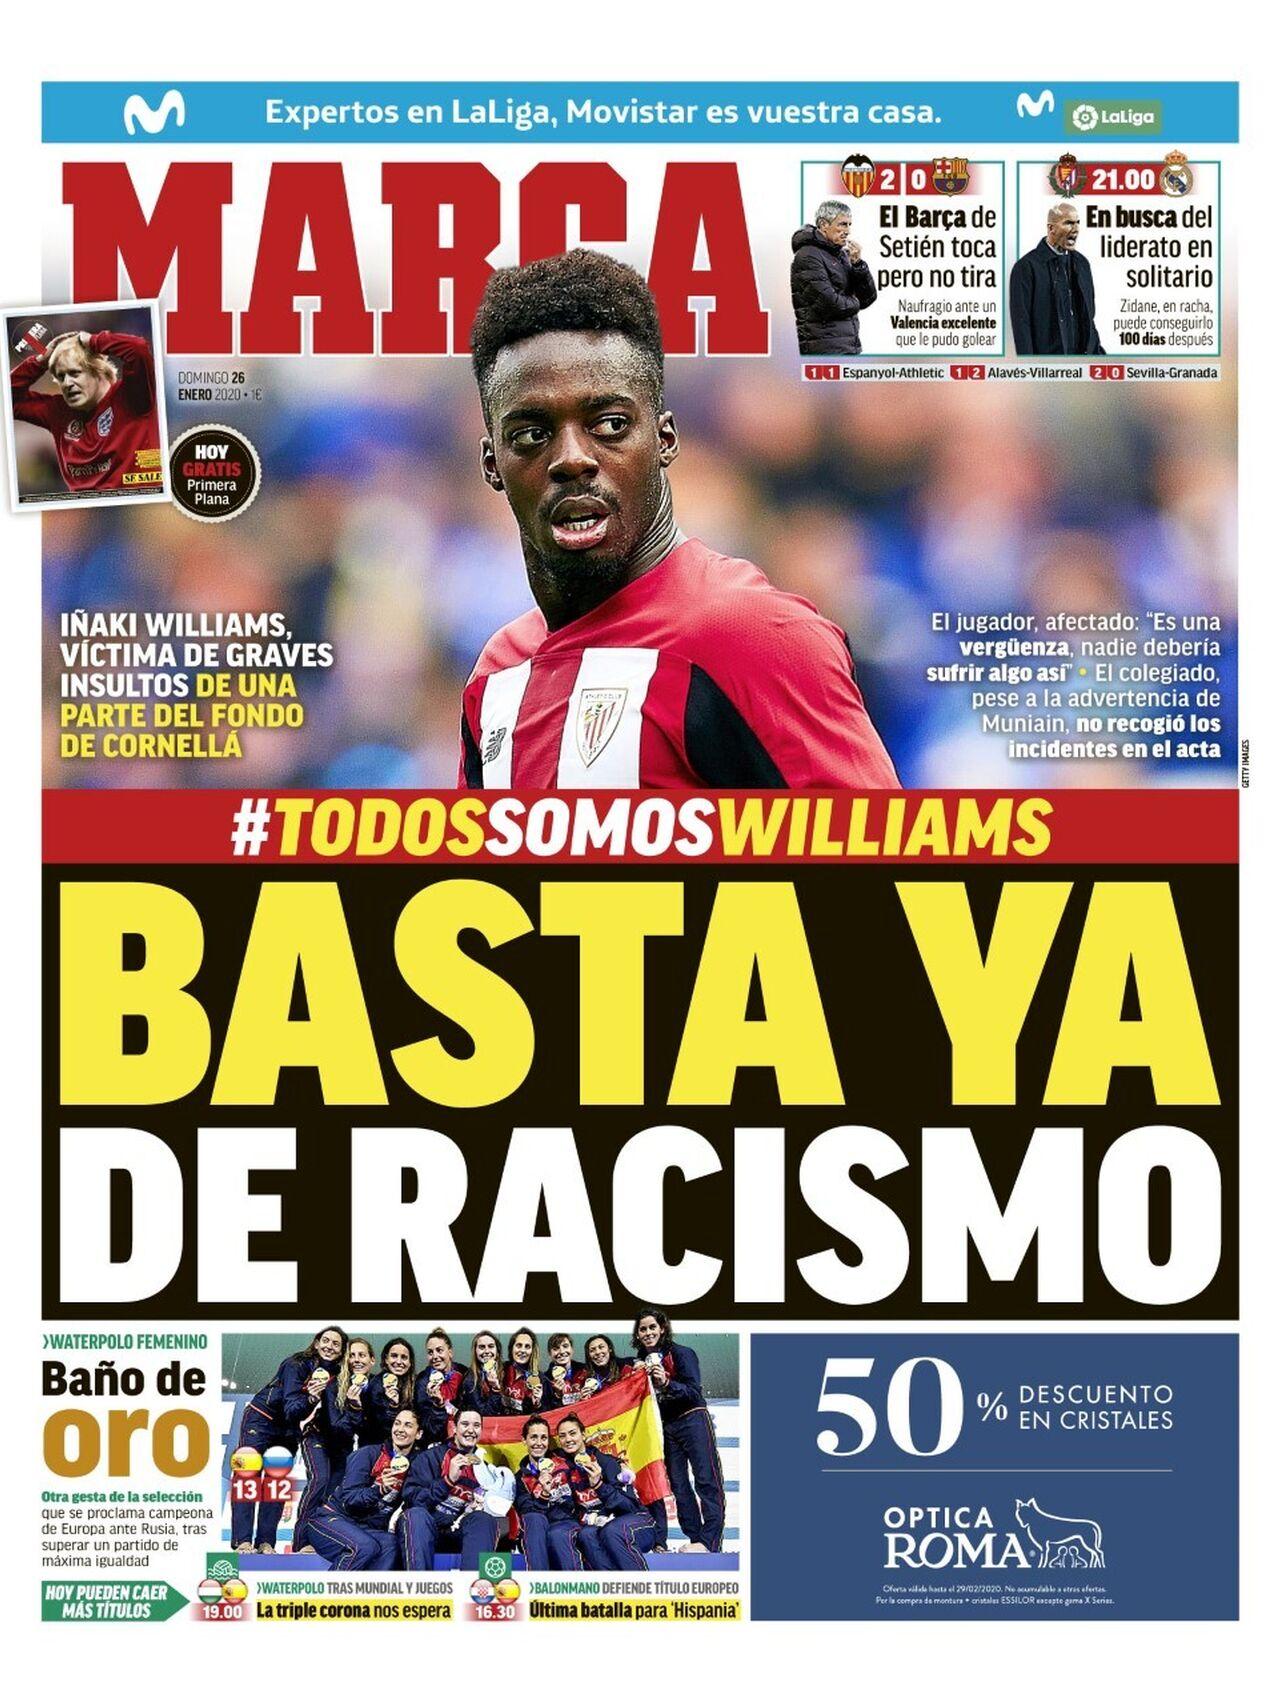 «Basta ya de racismo»: La portada del diario Marca tras insultos a Williams.